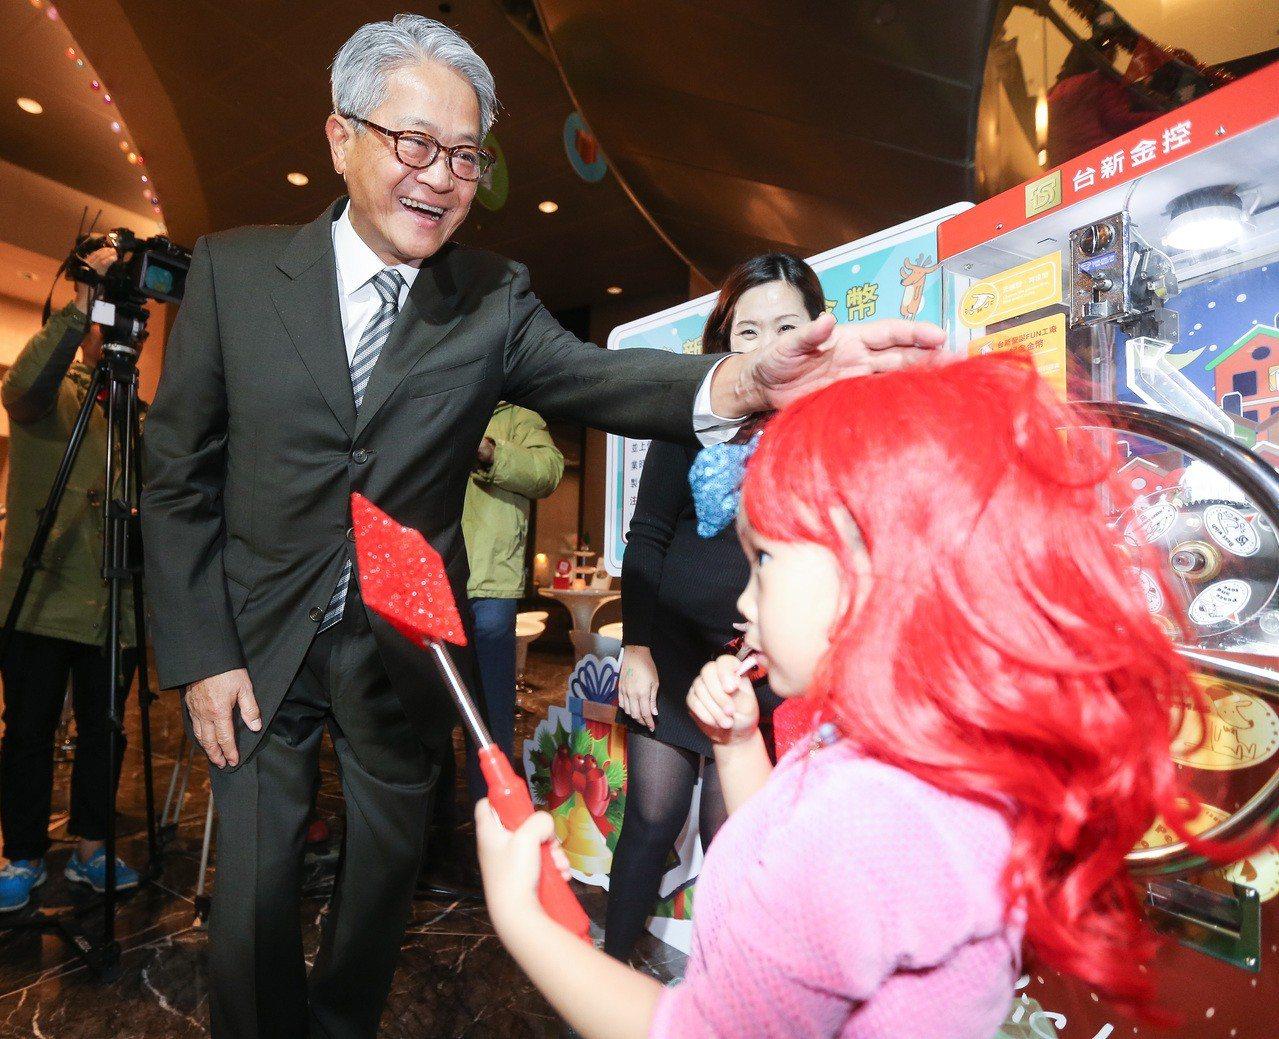 台新金控董事長吳東亮出席聖誕節點燈活動。記者黃威彬/攝影